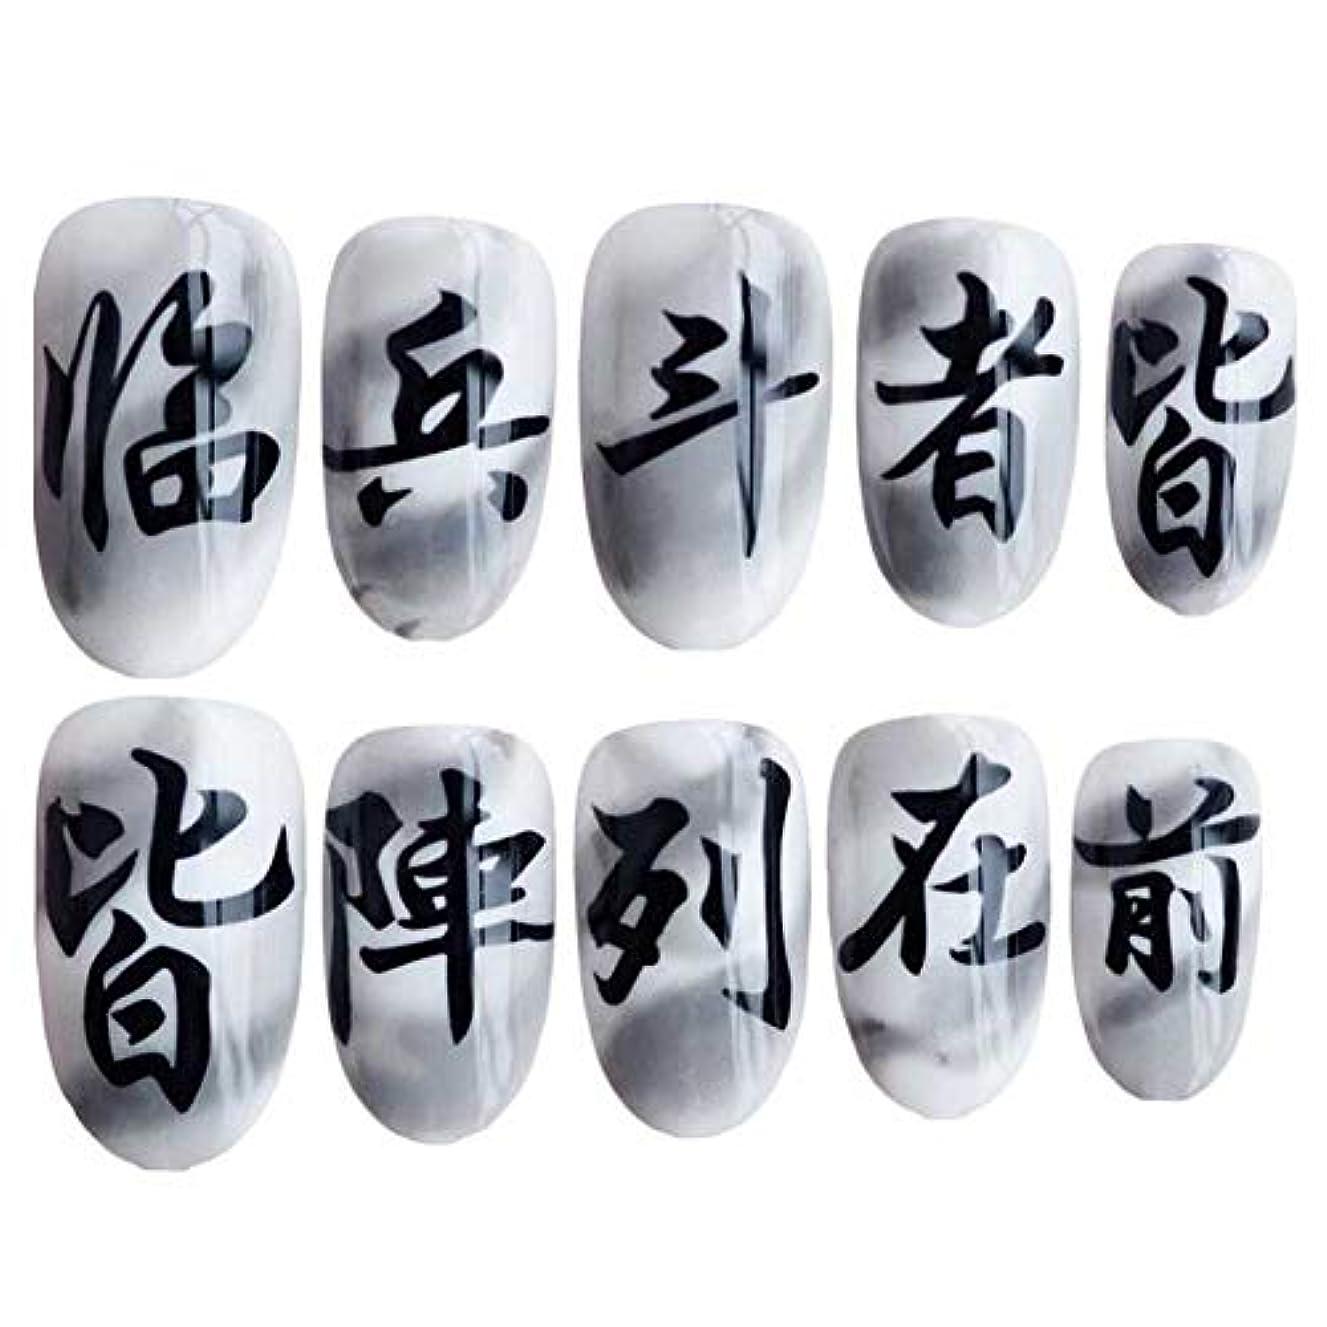 ばかげている方向放つ中国語文字灰色/白い偽爪爪人工爪装飾爪のヒント